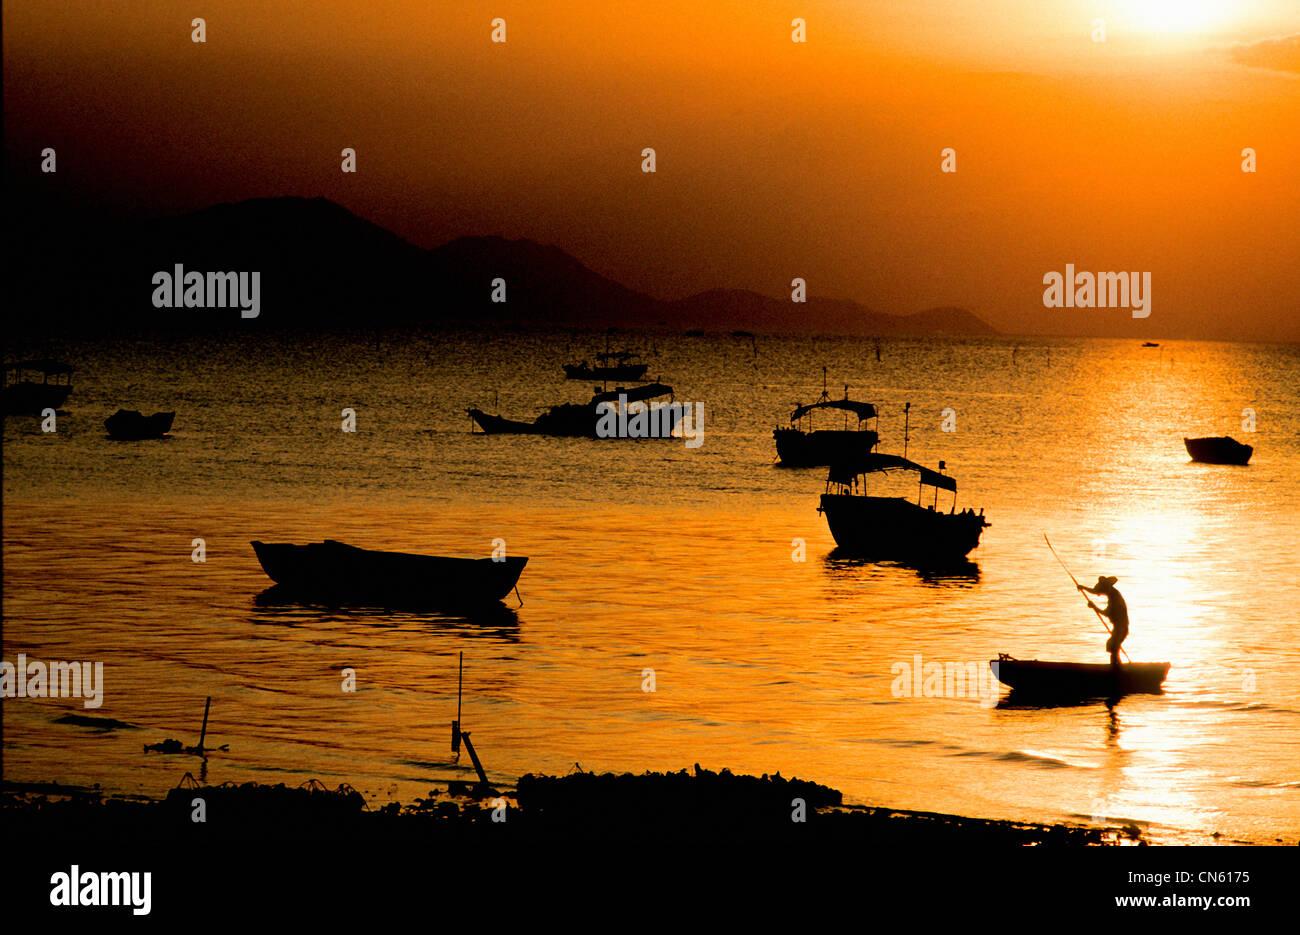 fisherman poles sampan to beach at sunset at harbor in South China Sea New Territories Hong Kong China Stock Photo